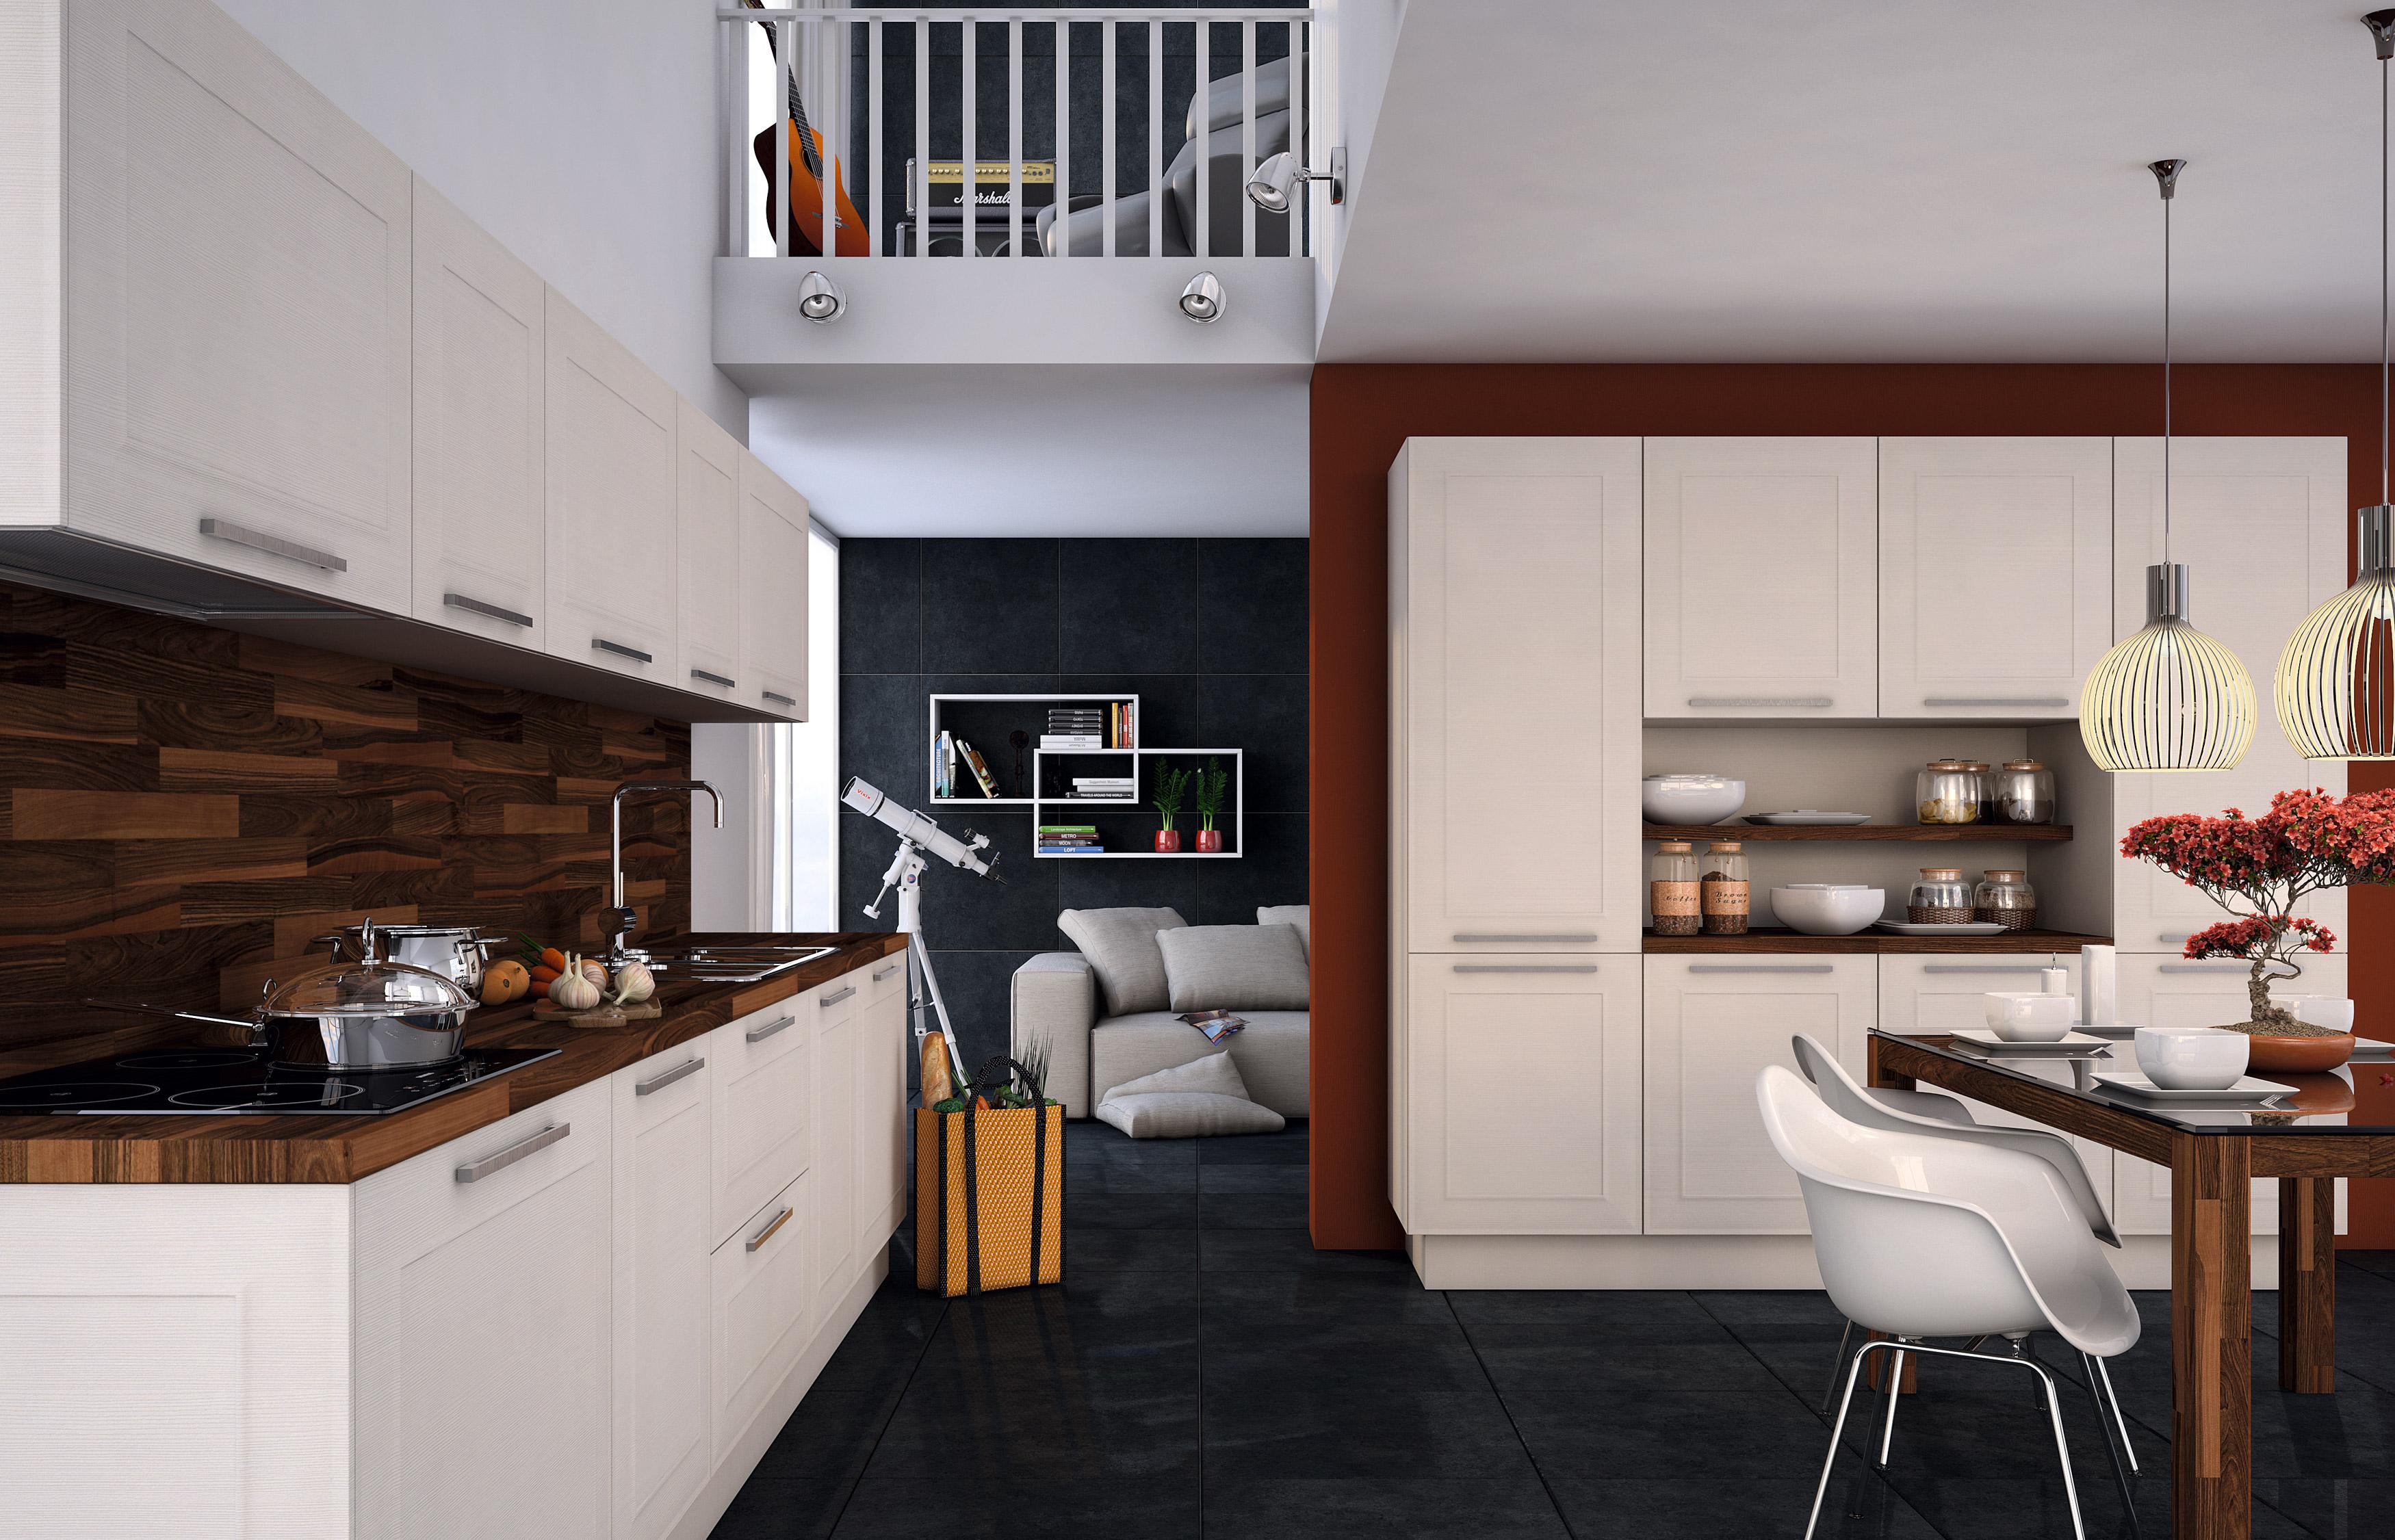 xativa modelo villanova muebles de cocina accesorios baño xativa